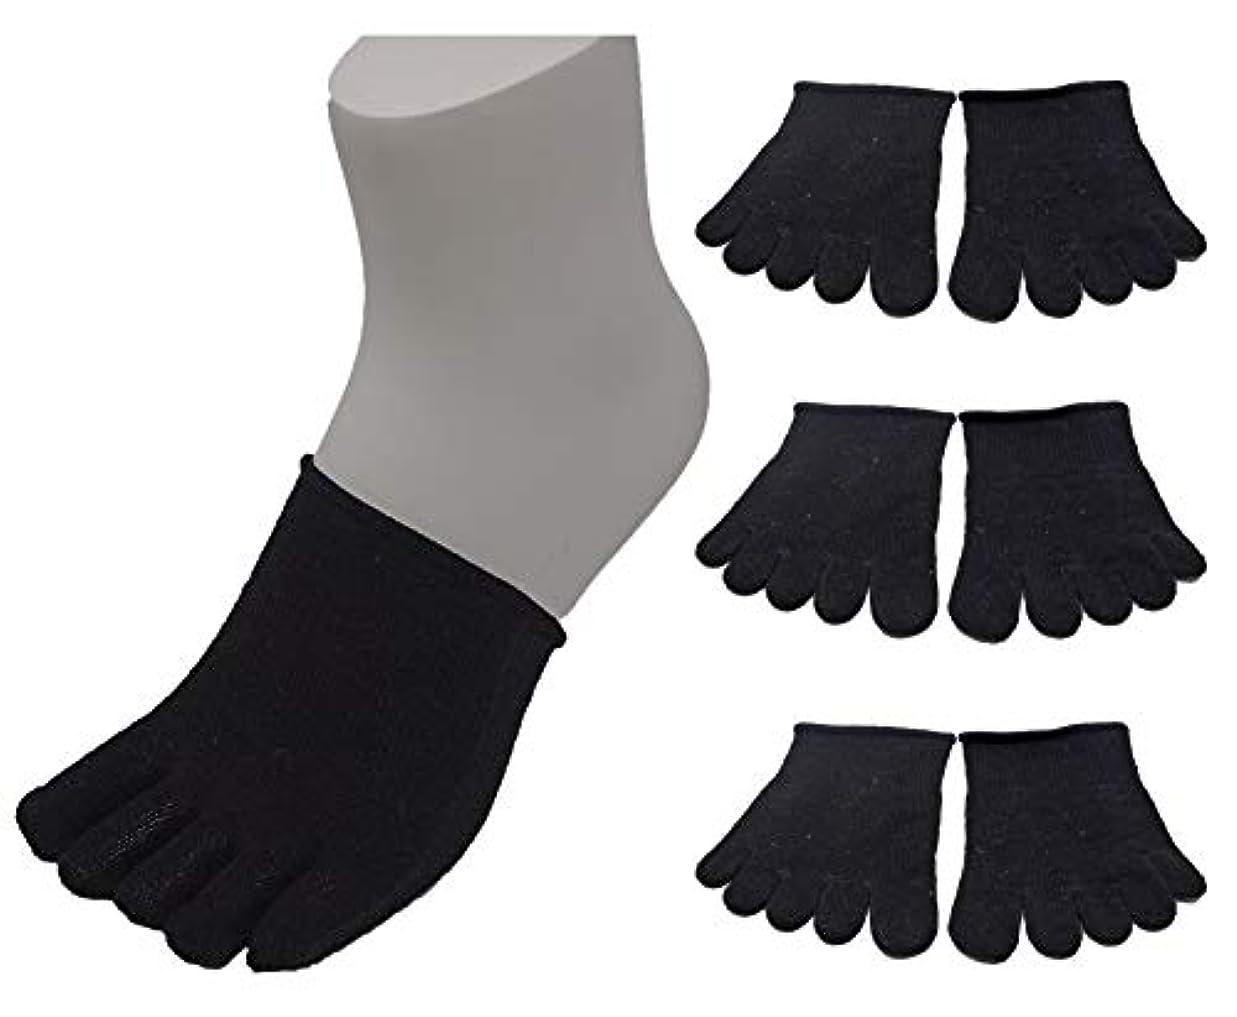 成熟本能安息USK STORE シルク 5本指ハーフソックス 3足セット 重ね履き 冷え取り 天然素材 男女兼用 22-27cm (黒)